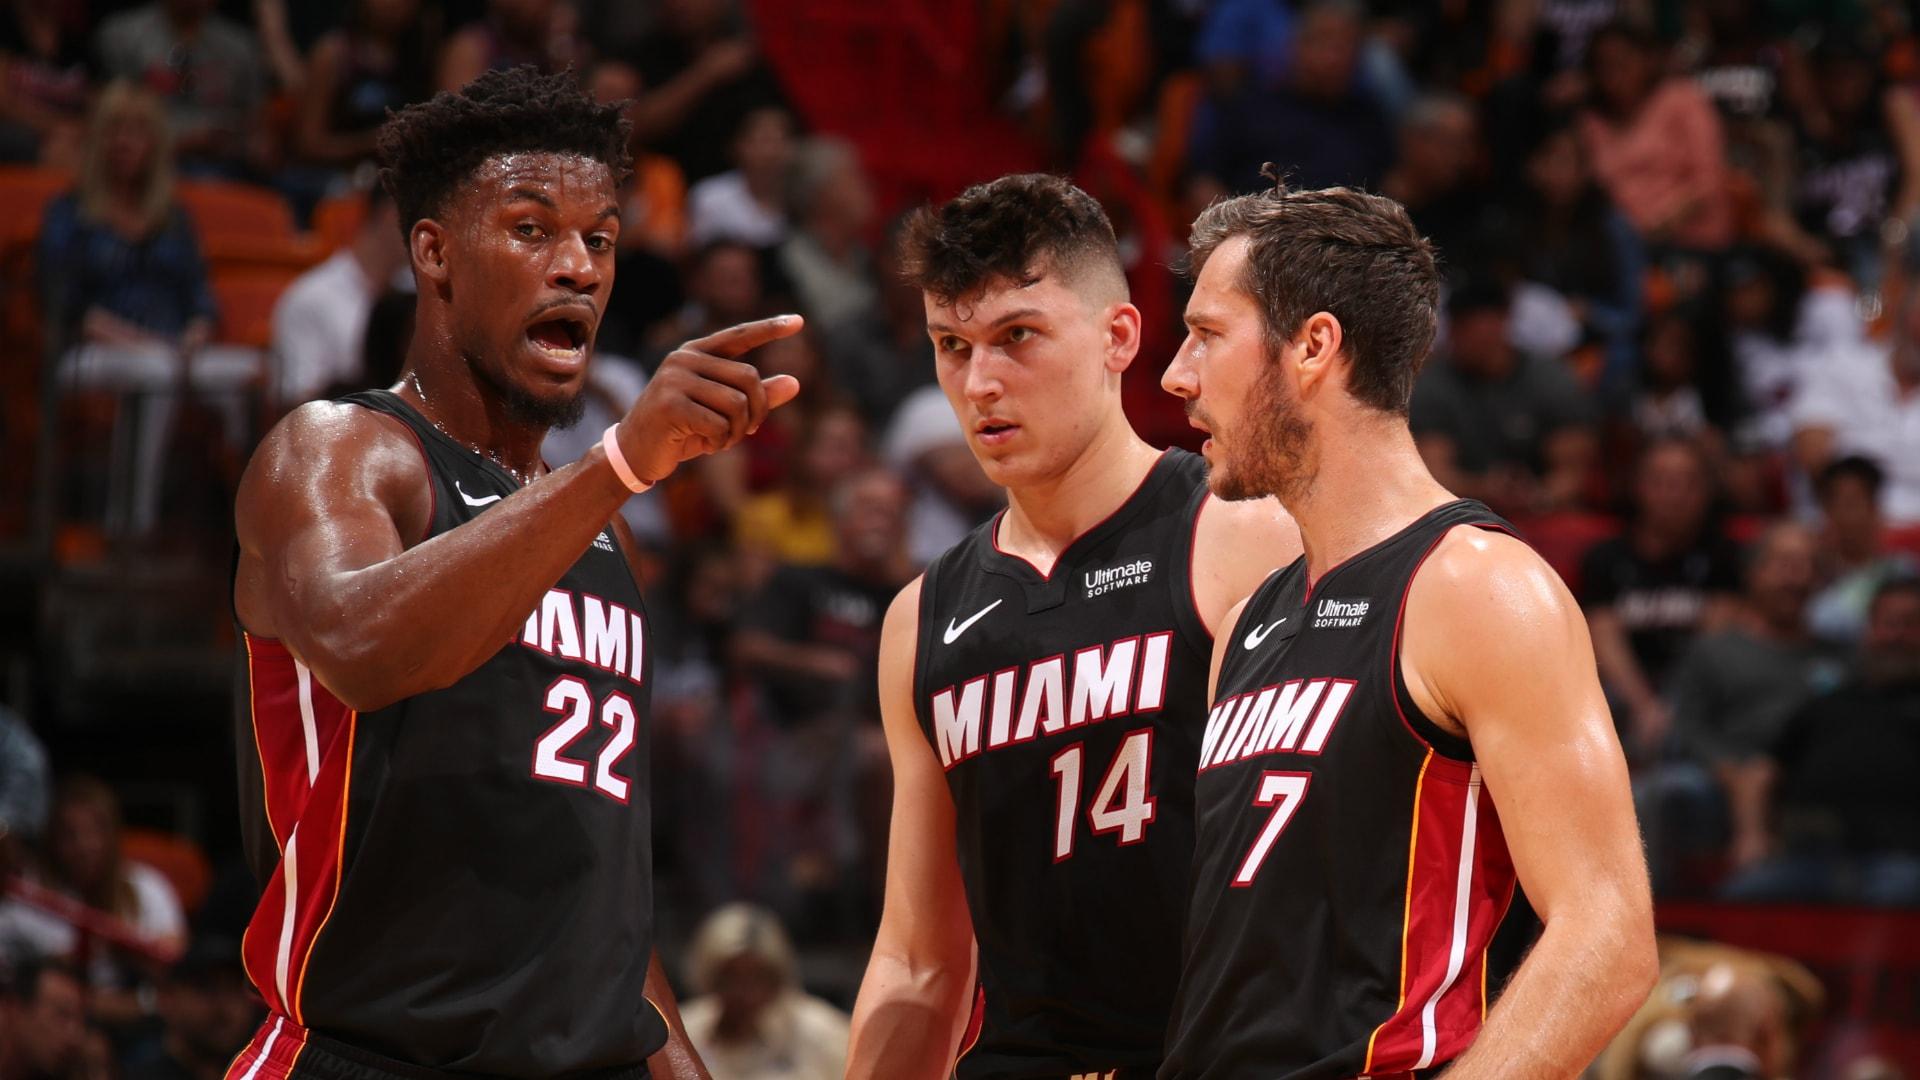 Rockets @ Heat